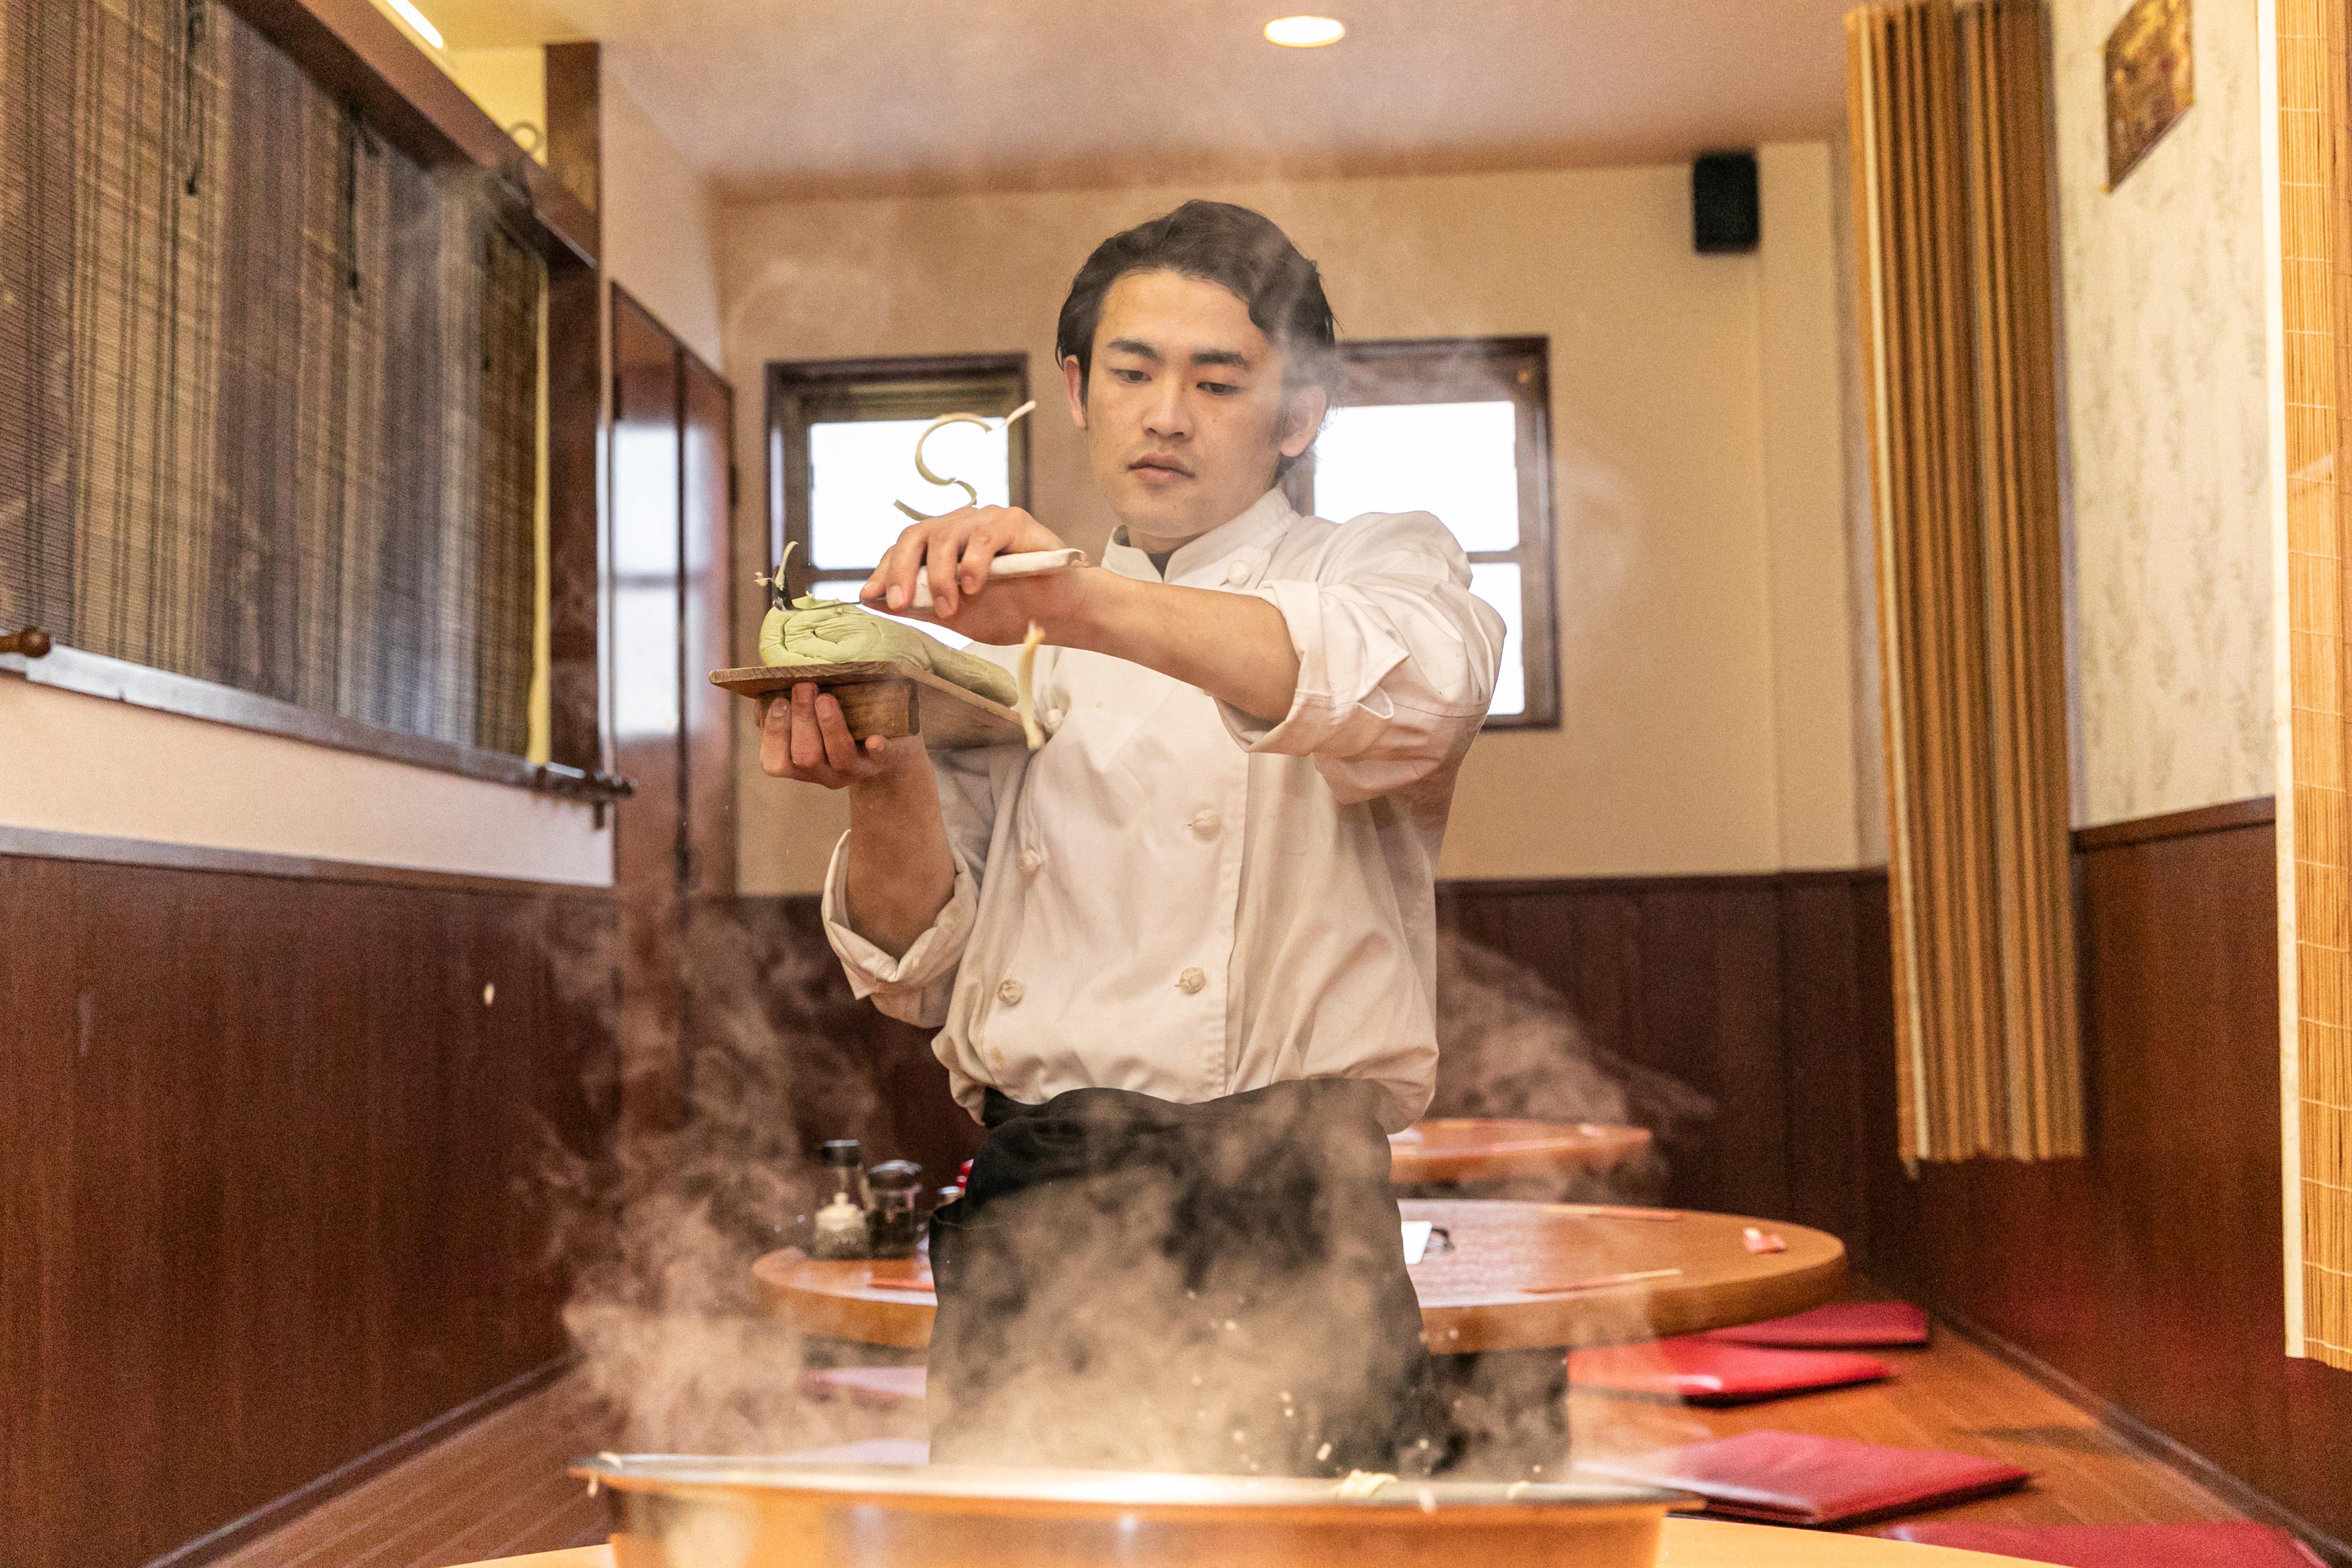 刀削麺の技術を得たい